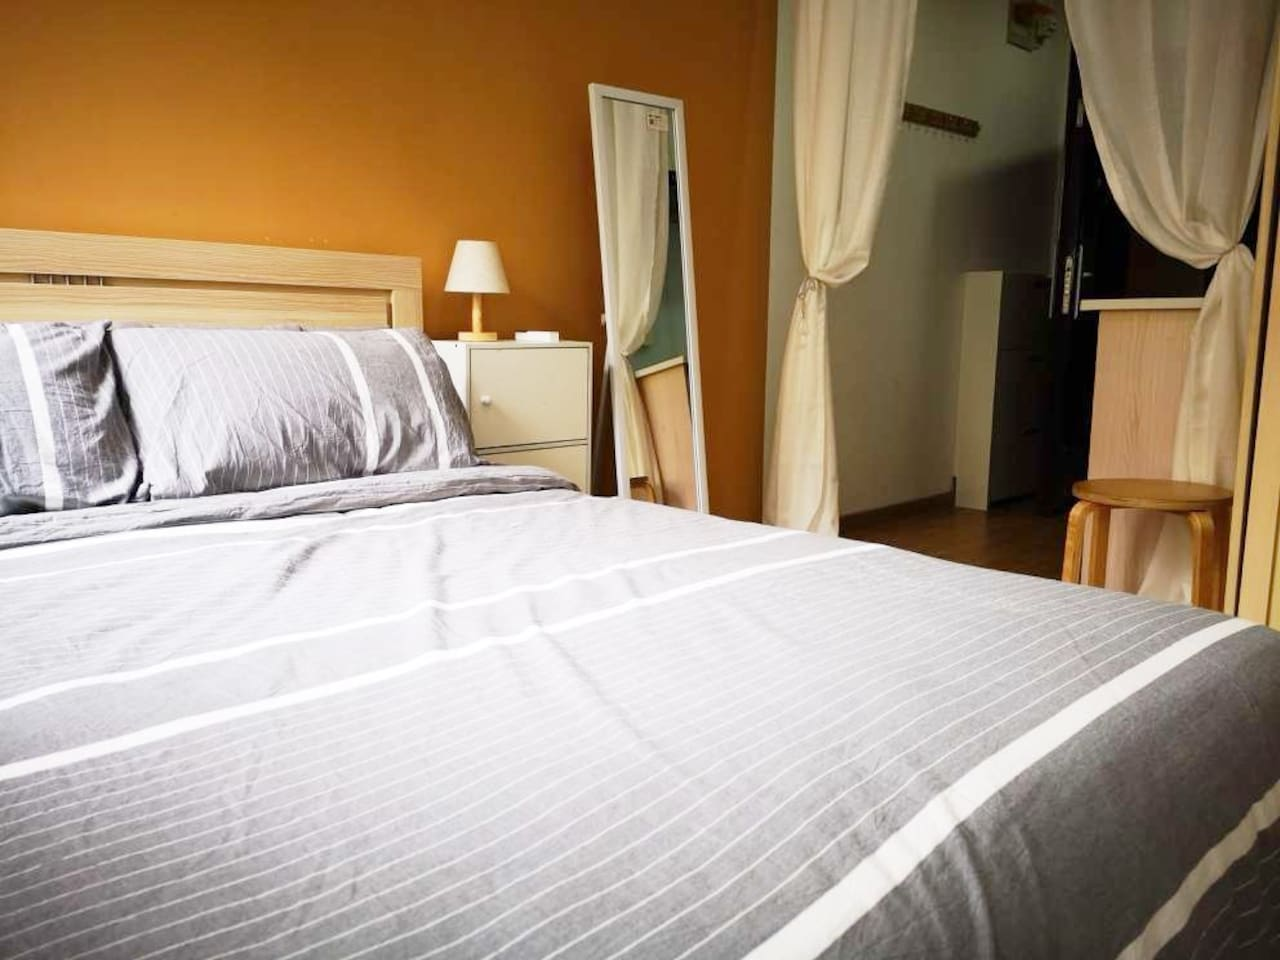 房源为整租一室,面积20平米,配有标准双人大床,最多可以入住2人,床品配置齐全